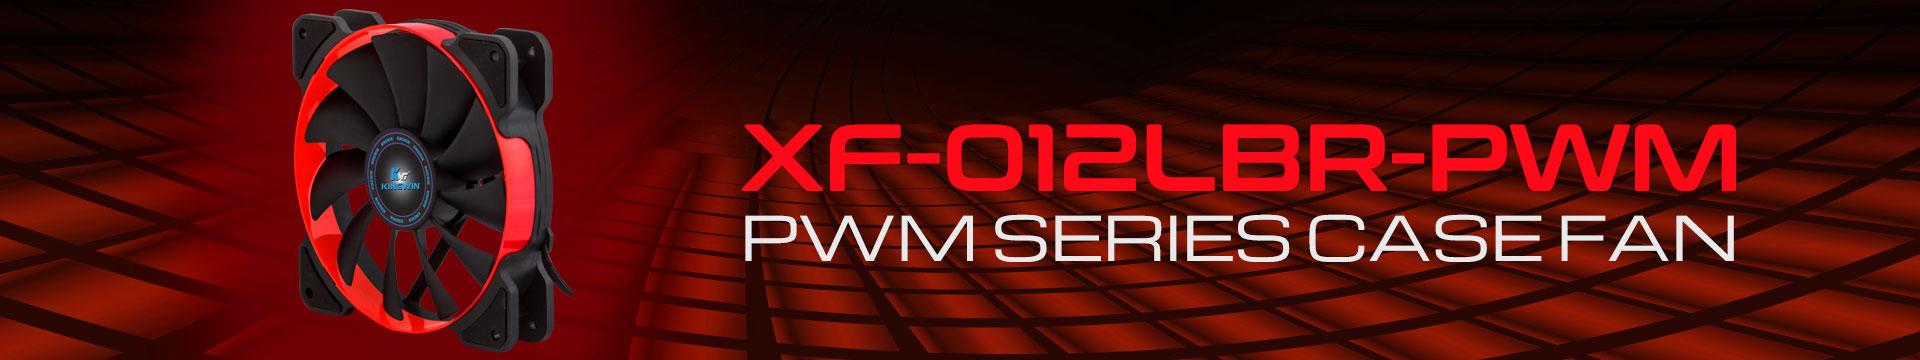 XFR-012LBR-PWM_WEB_BANNER